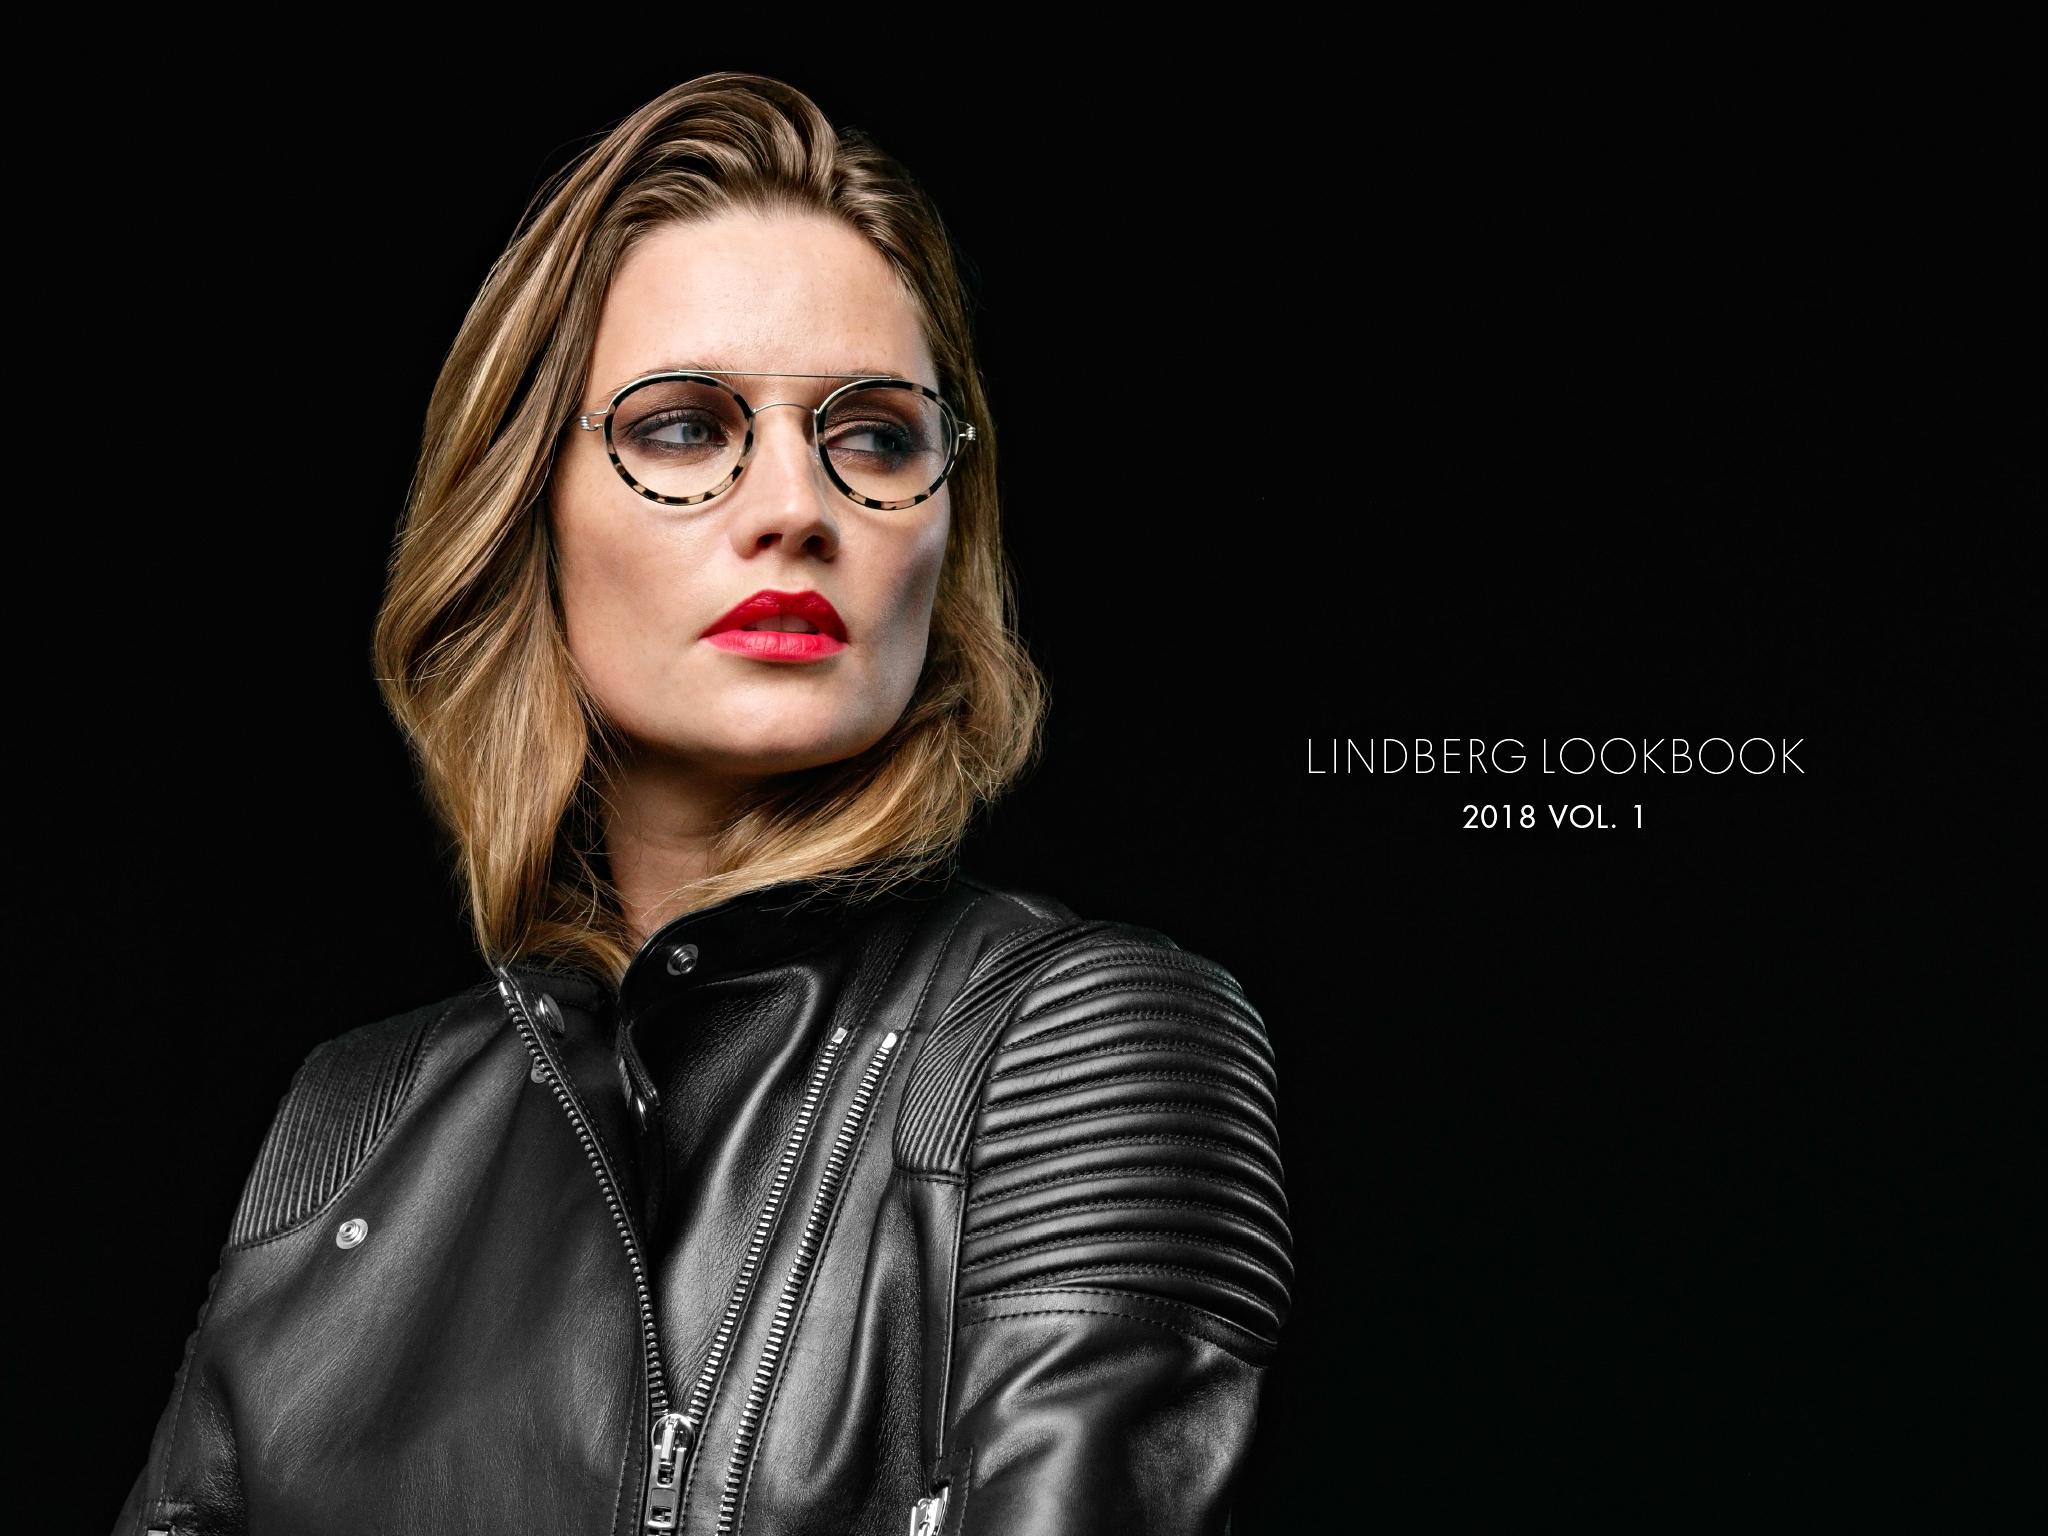 LINDBERG Lookbook